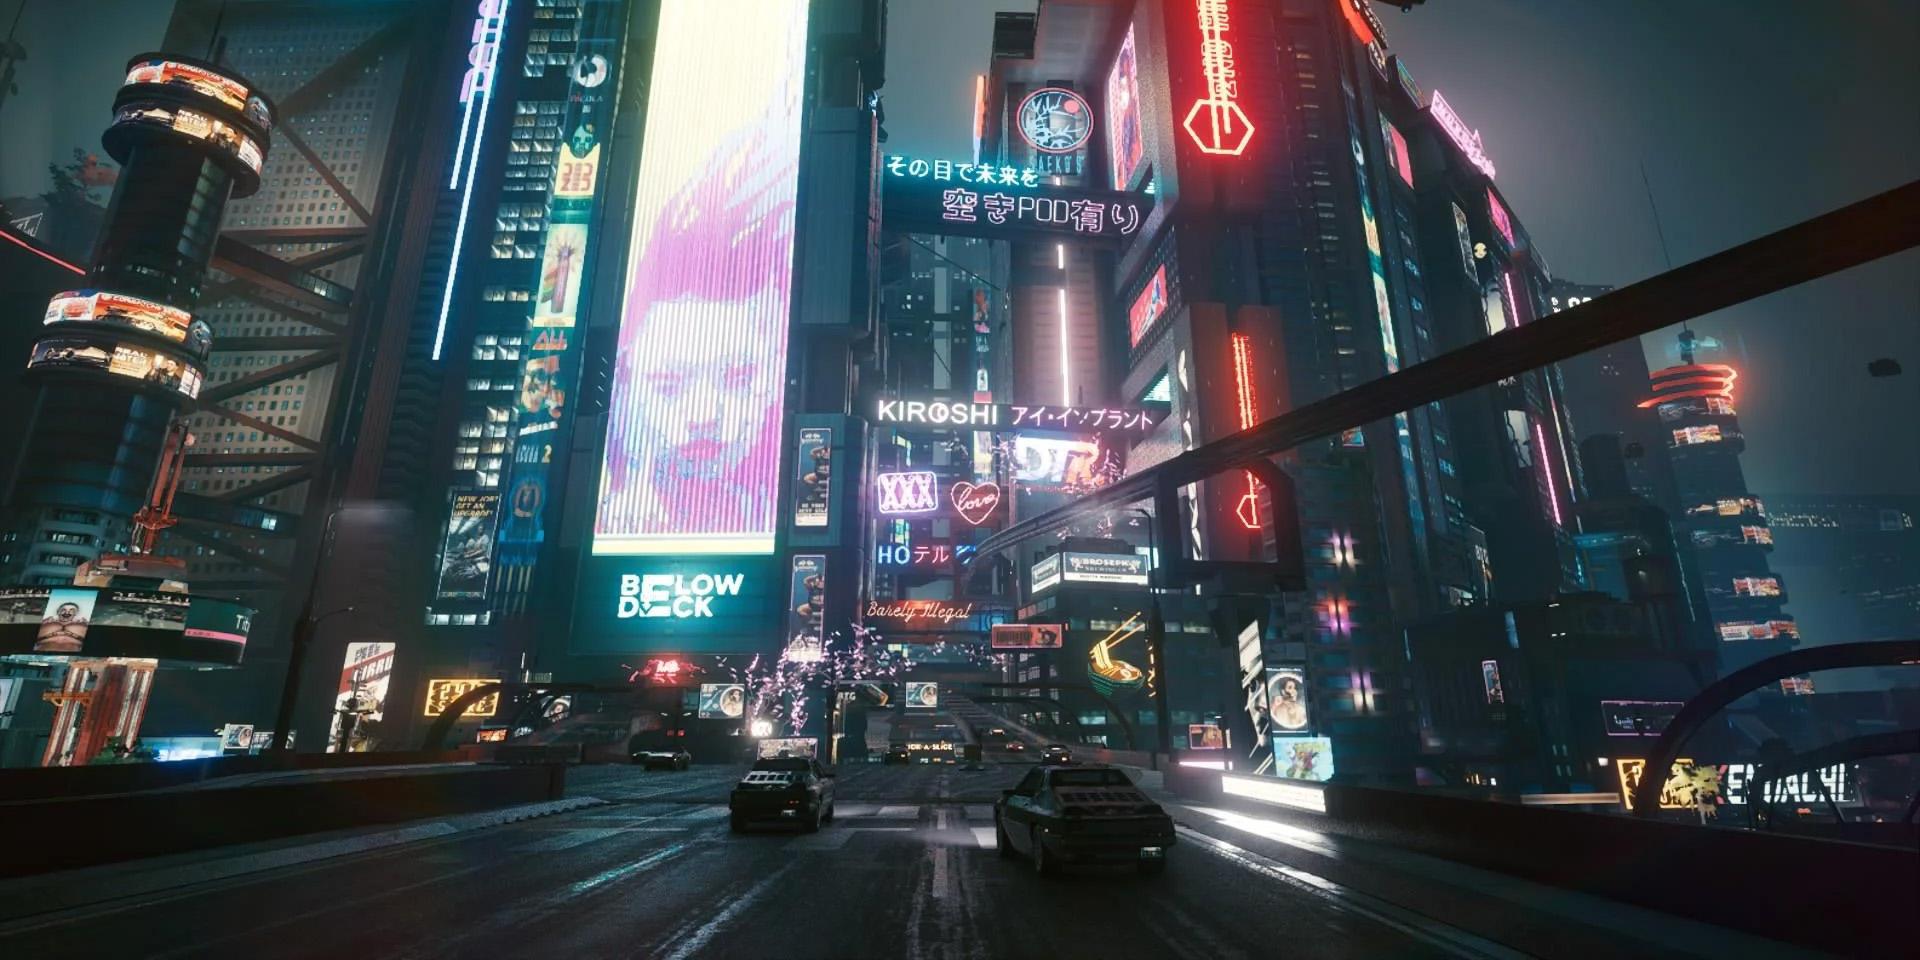 Игровая индустрия: Киберпанк, маркетинг и будущее